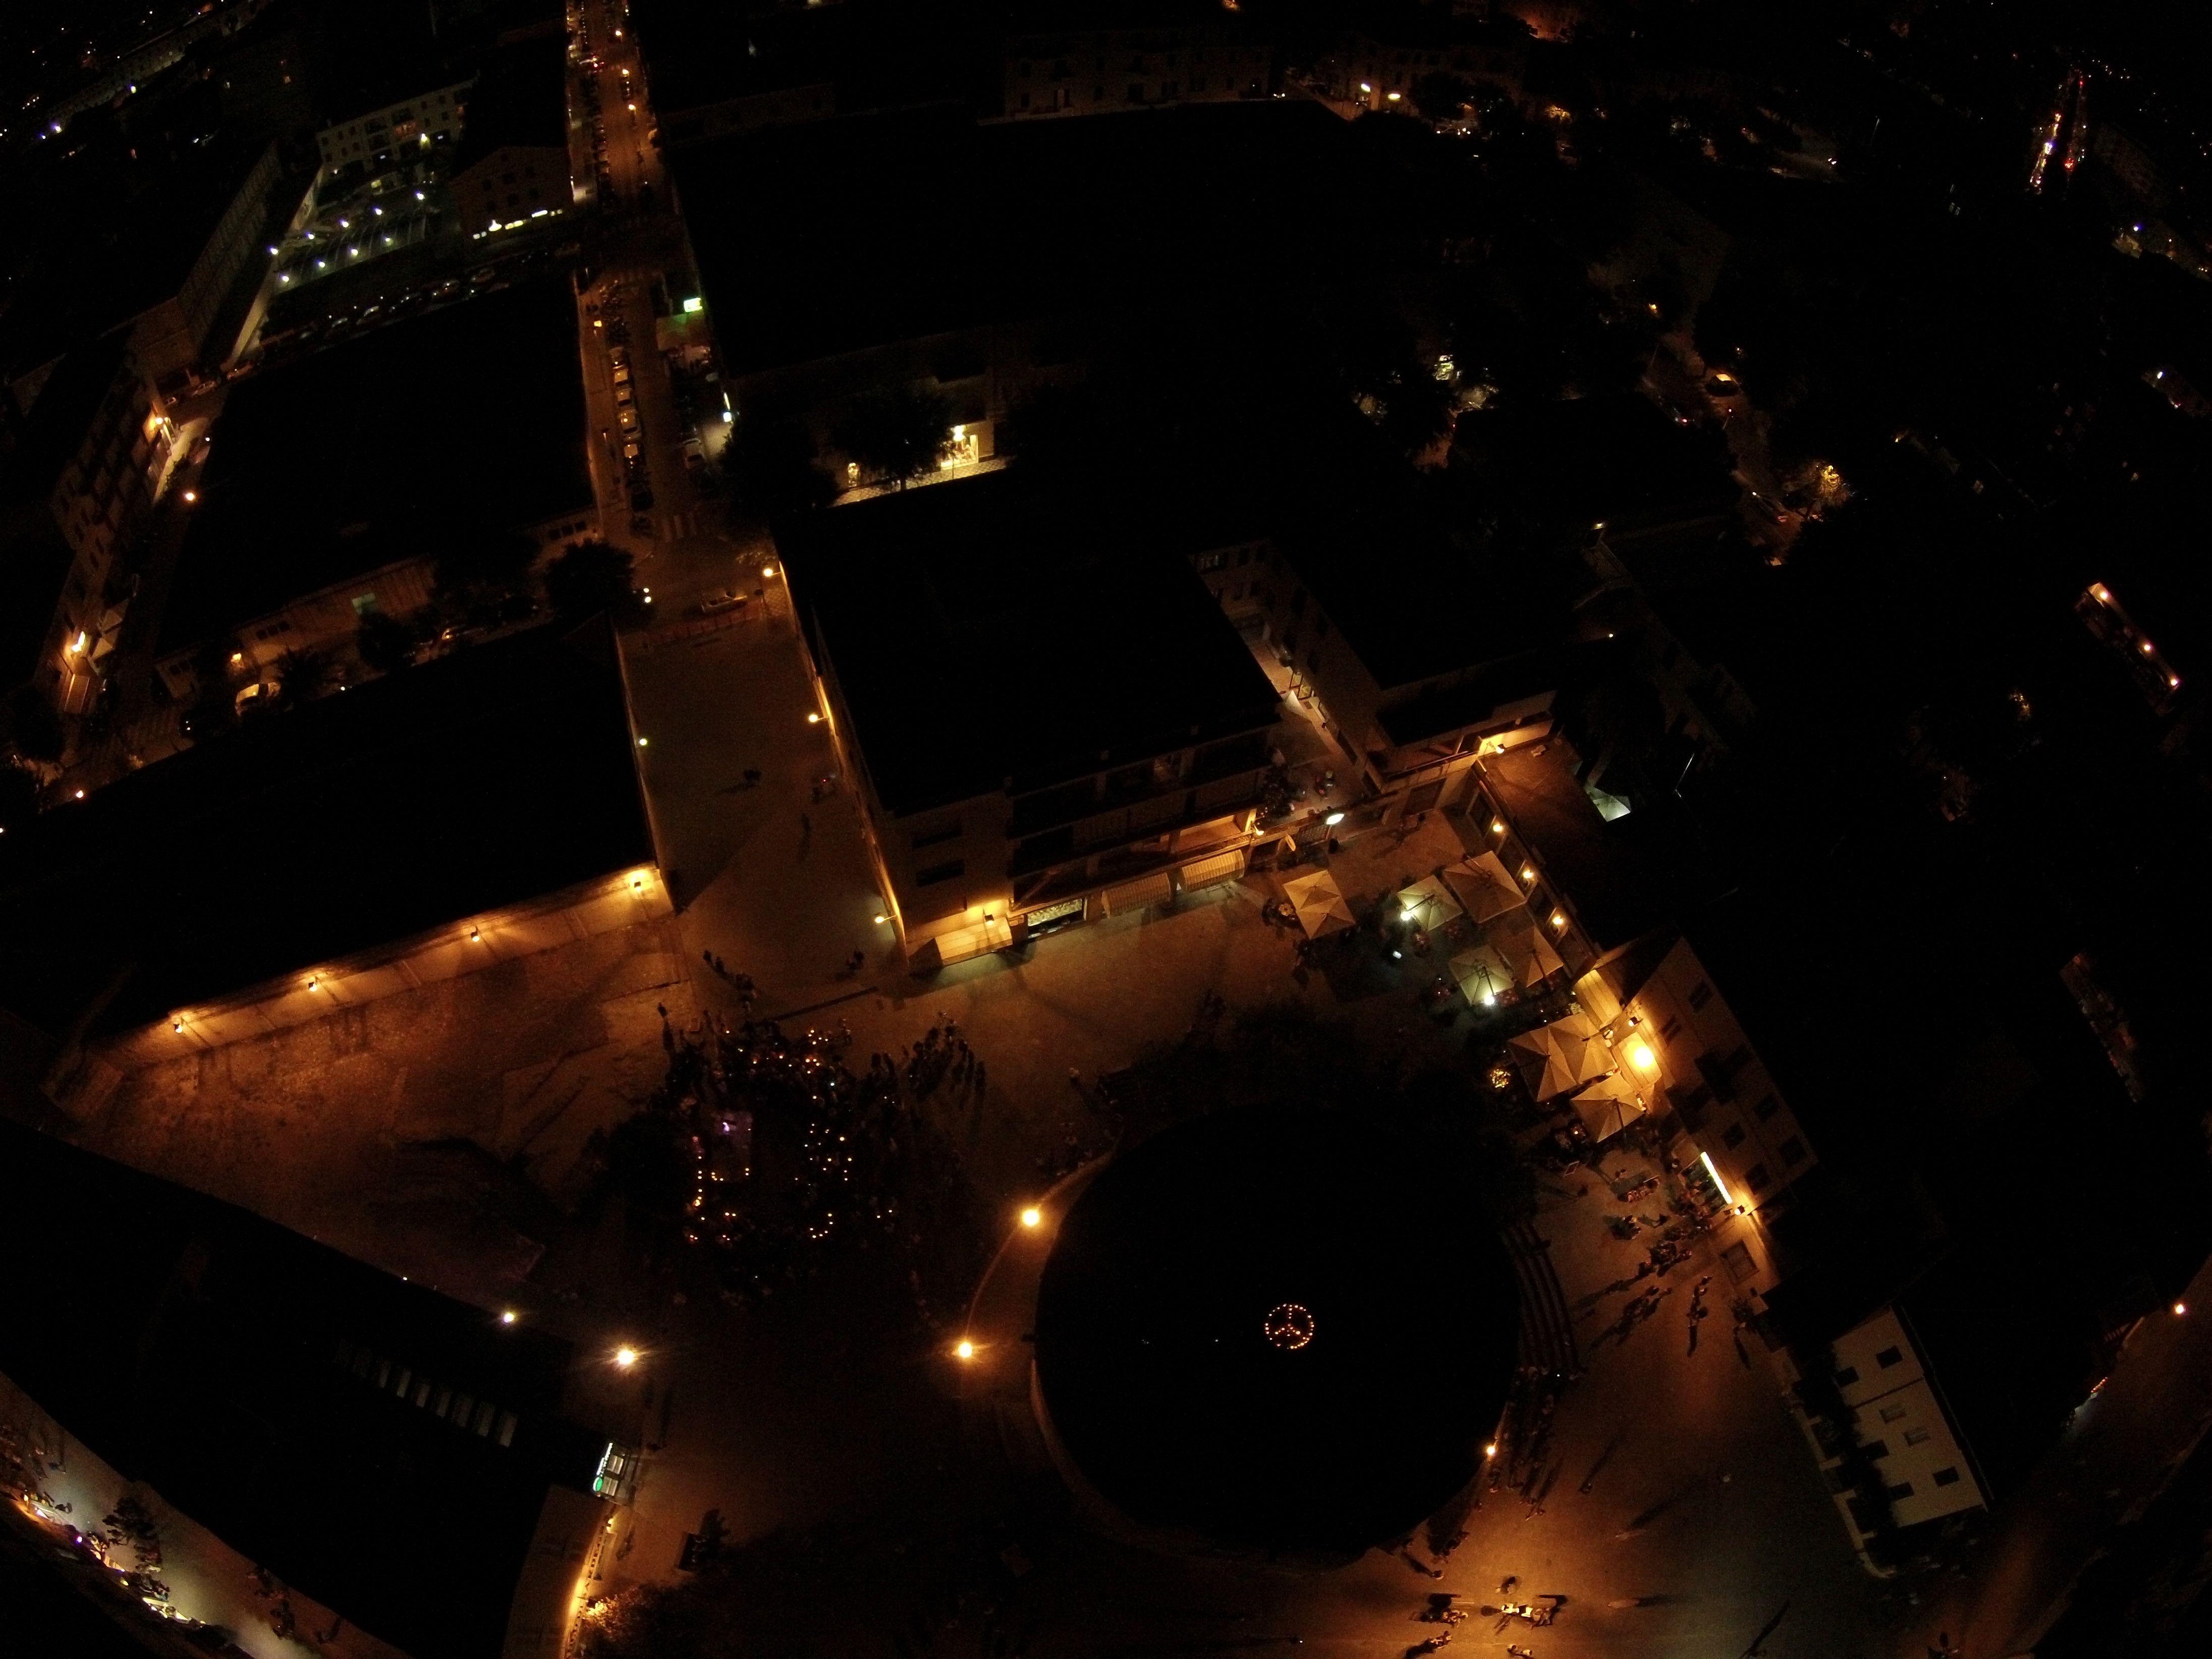 Giornata della pace organizzata dallo #SpazioT e foto scattata dal #drone #Torredelporticciolo #Alghero #Sardegna